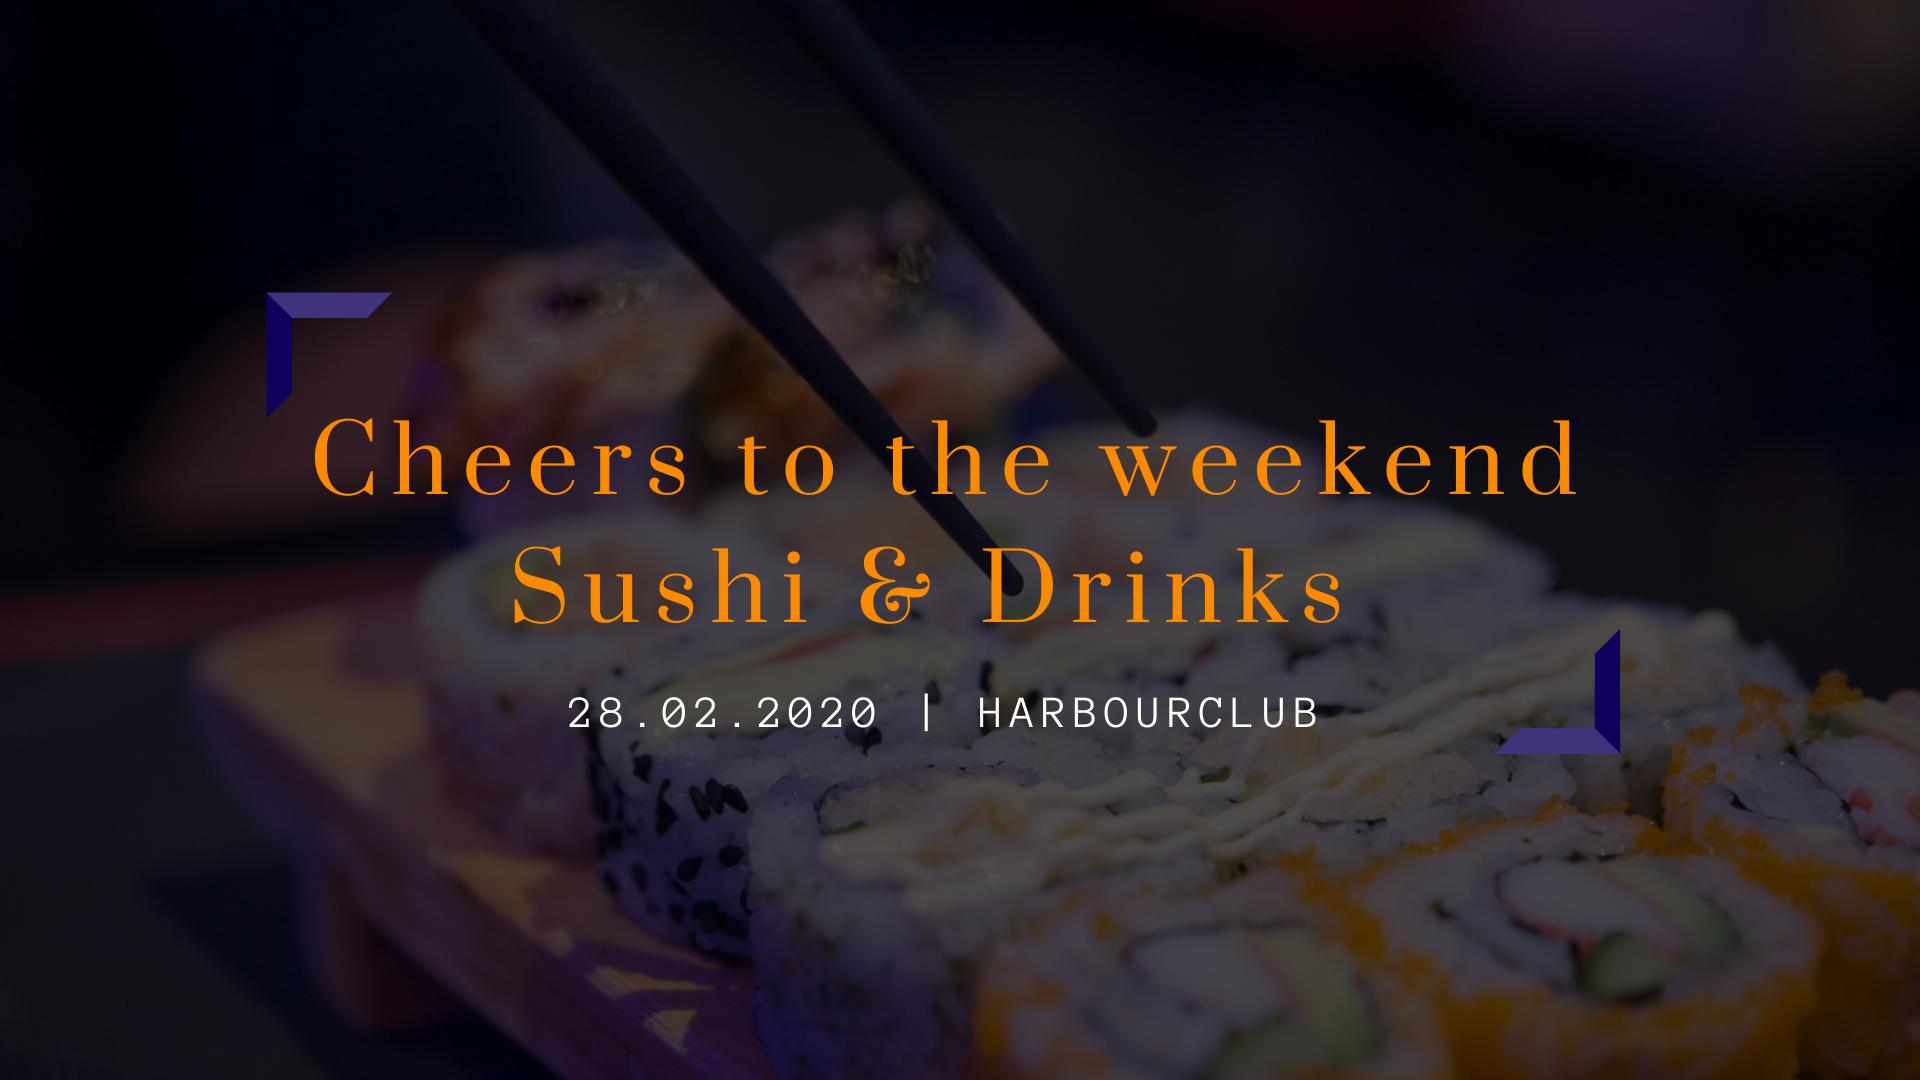 Cheers to the weekend | Sushi & Drinks bij de Harbourclub!